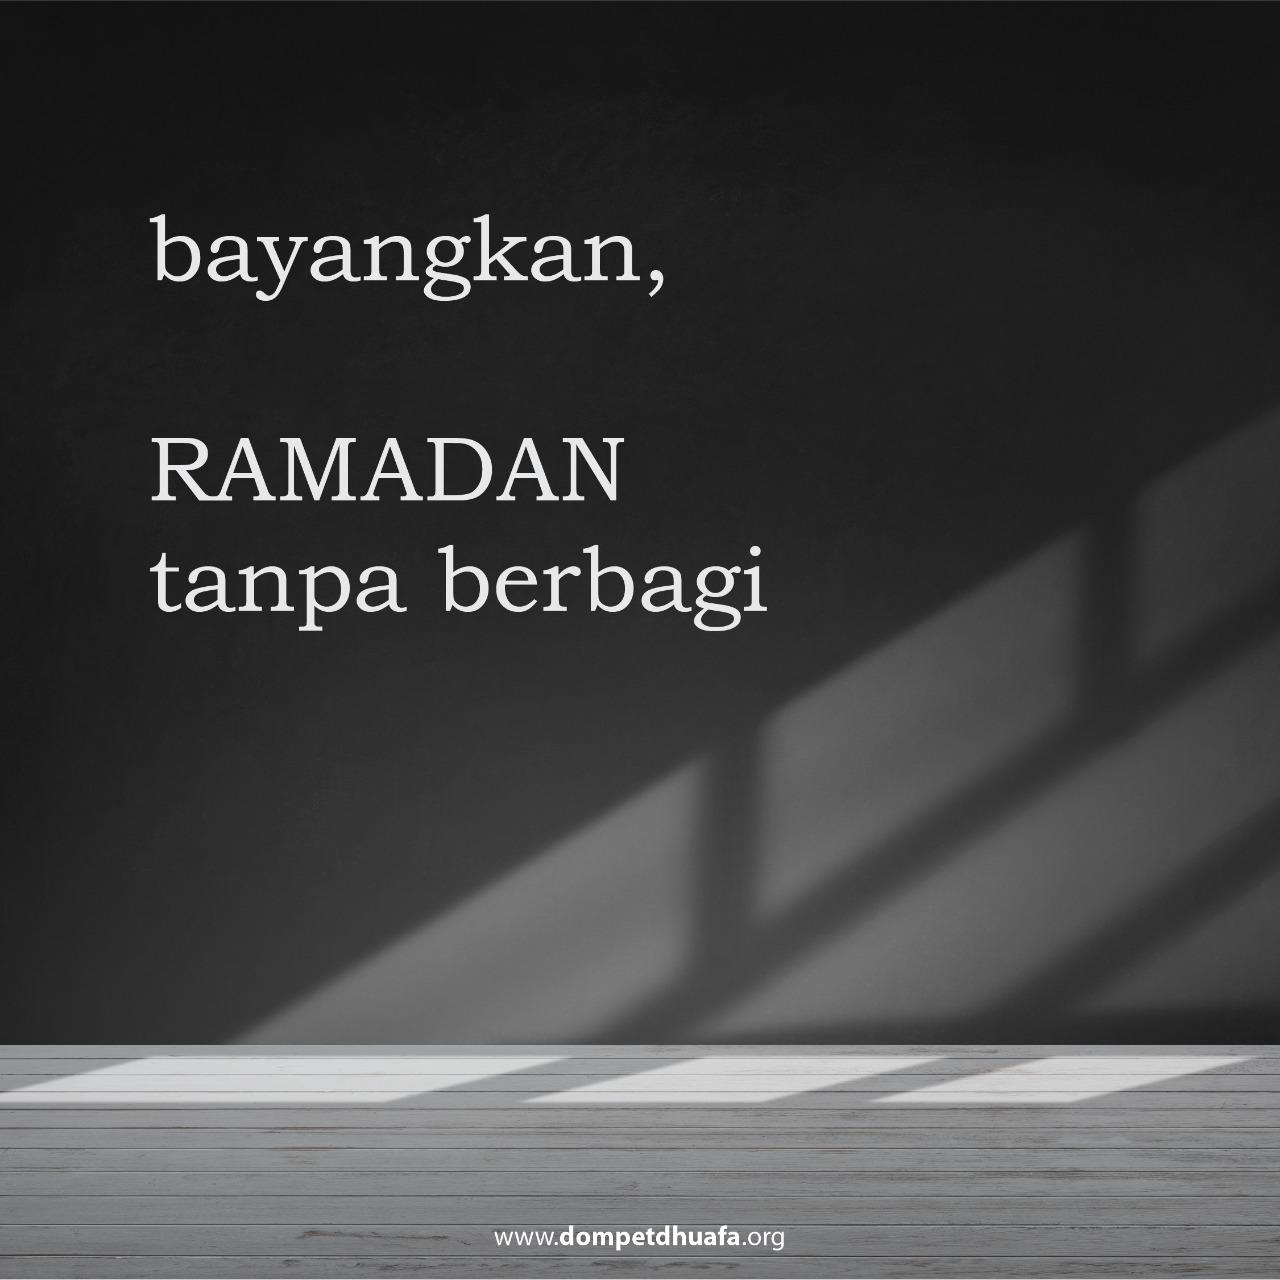 Ramadan Tanpa Berbagi?